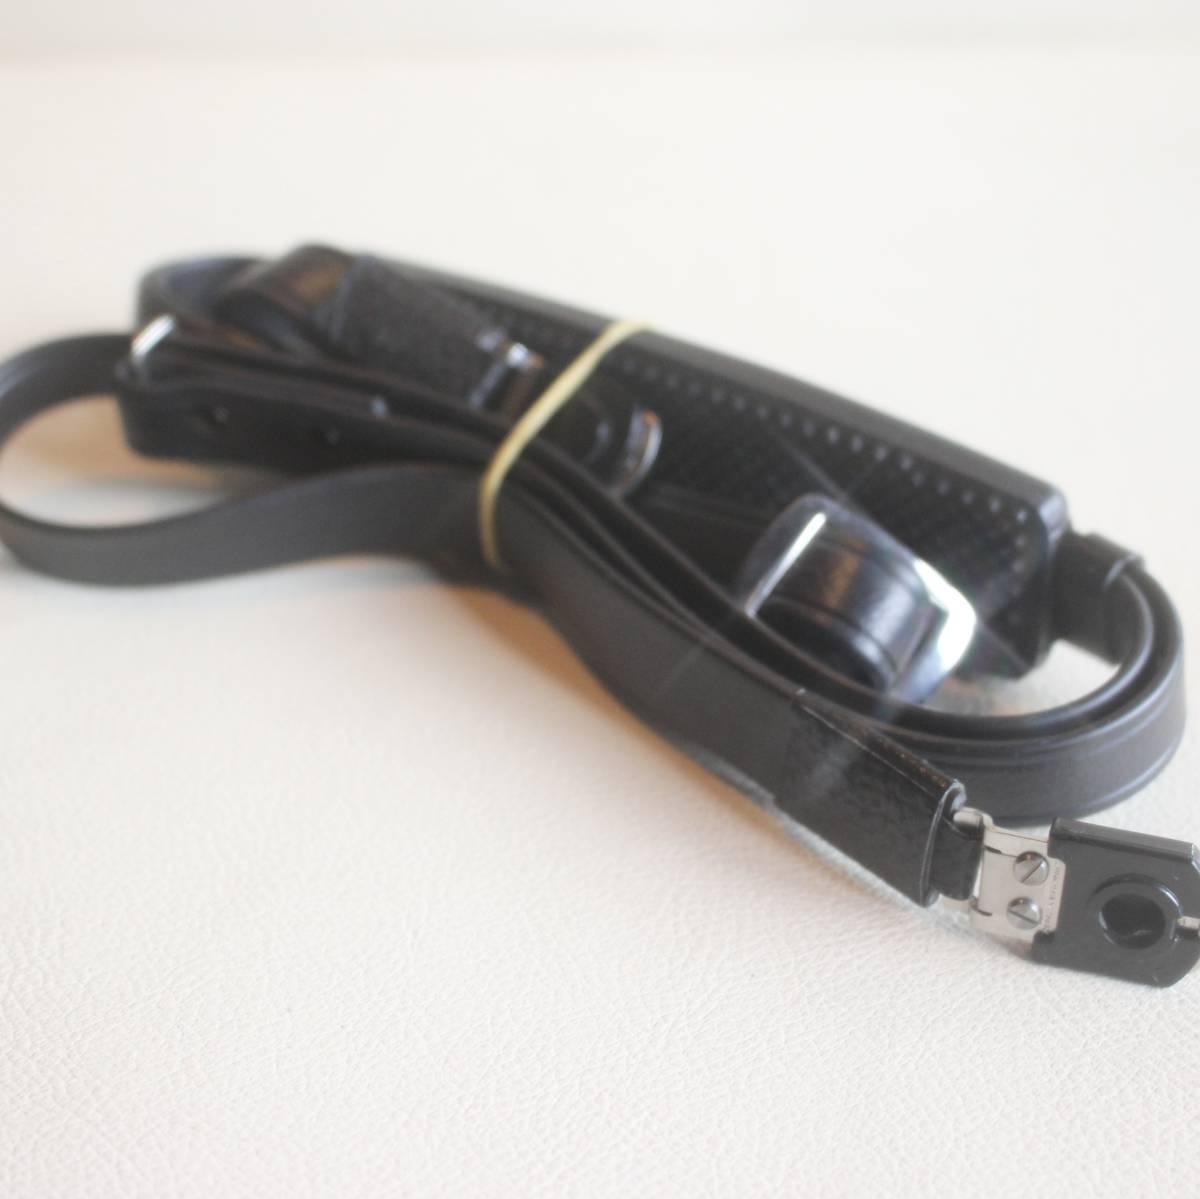 ゼンザ ブロニカ ZENZA BRONICA ストラップ 黒色 ブラック 金具付き (S2後期 ~ ECシリーズ 用) ★(68)_画像2